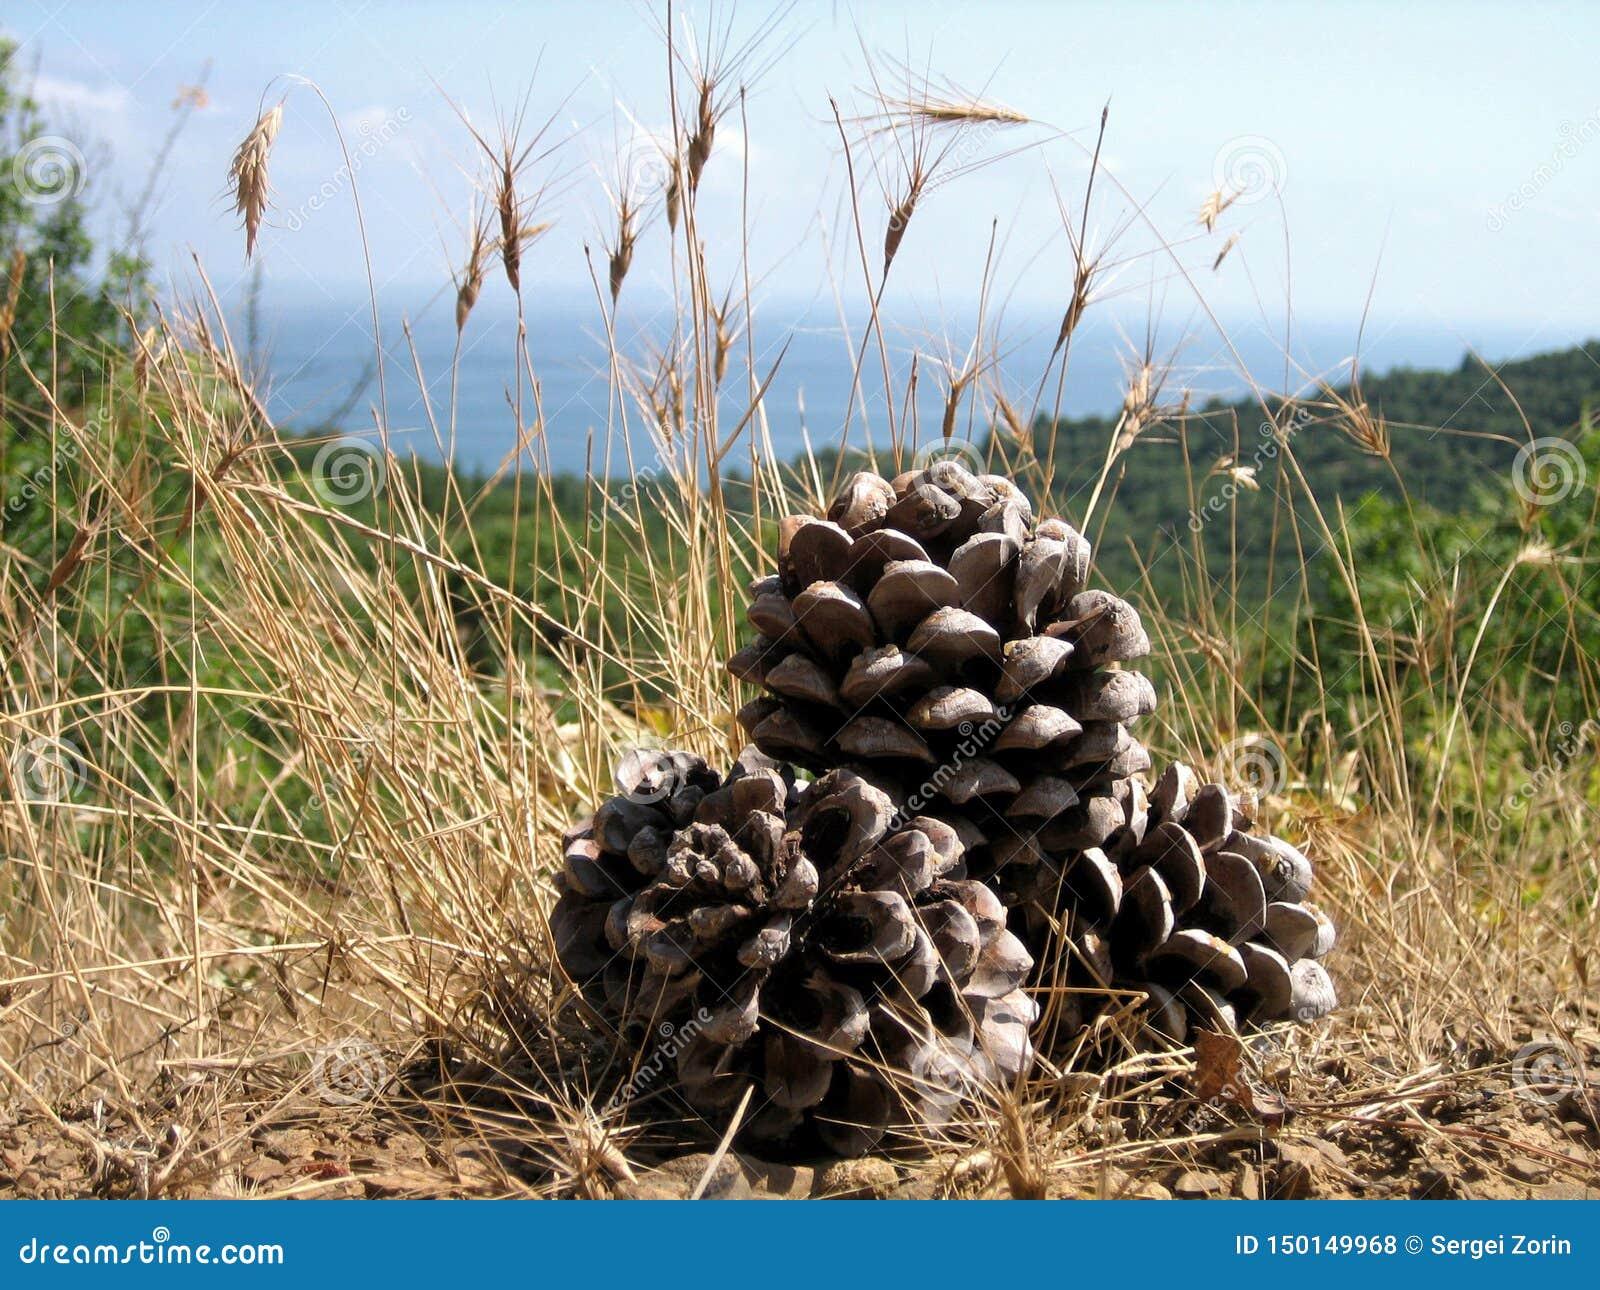 Grandes cones do pinho sob o sol do sul na grama seca em um fundo de florestas densas, do mar azul e do céu azul